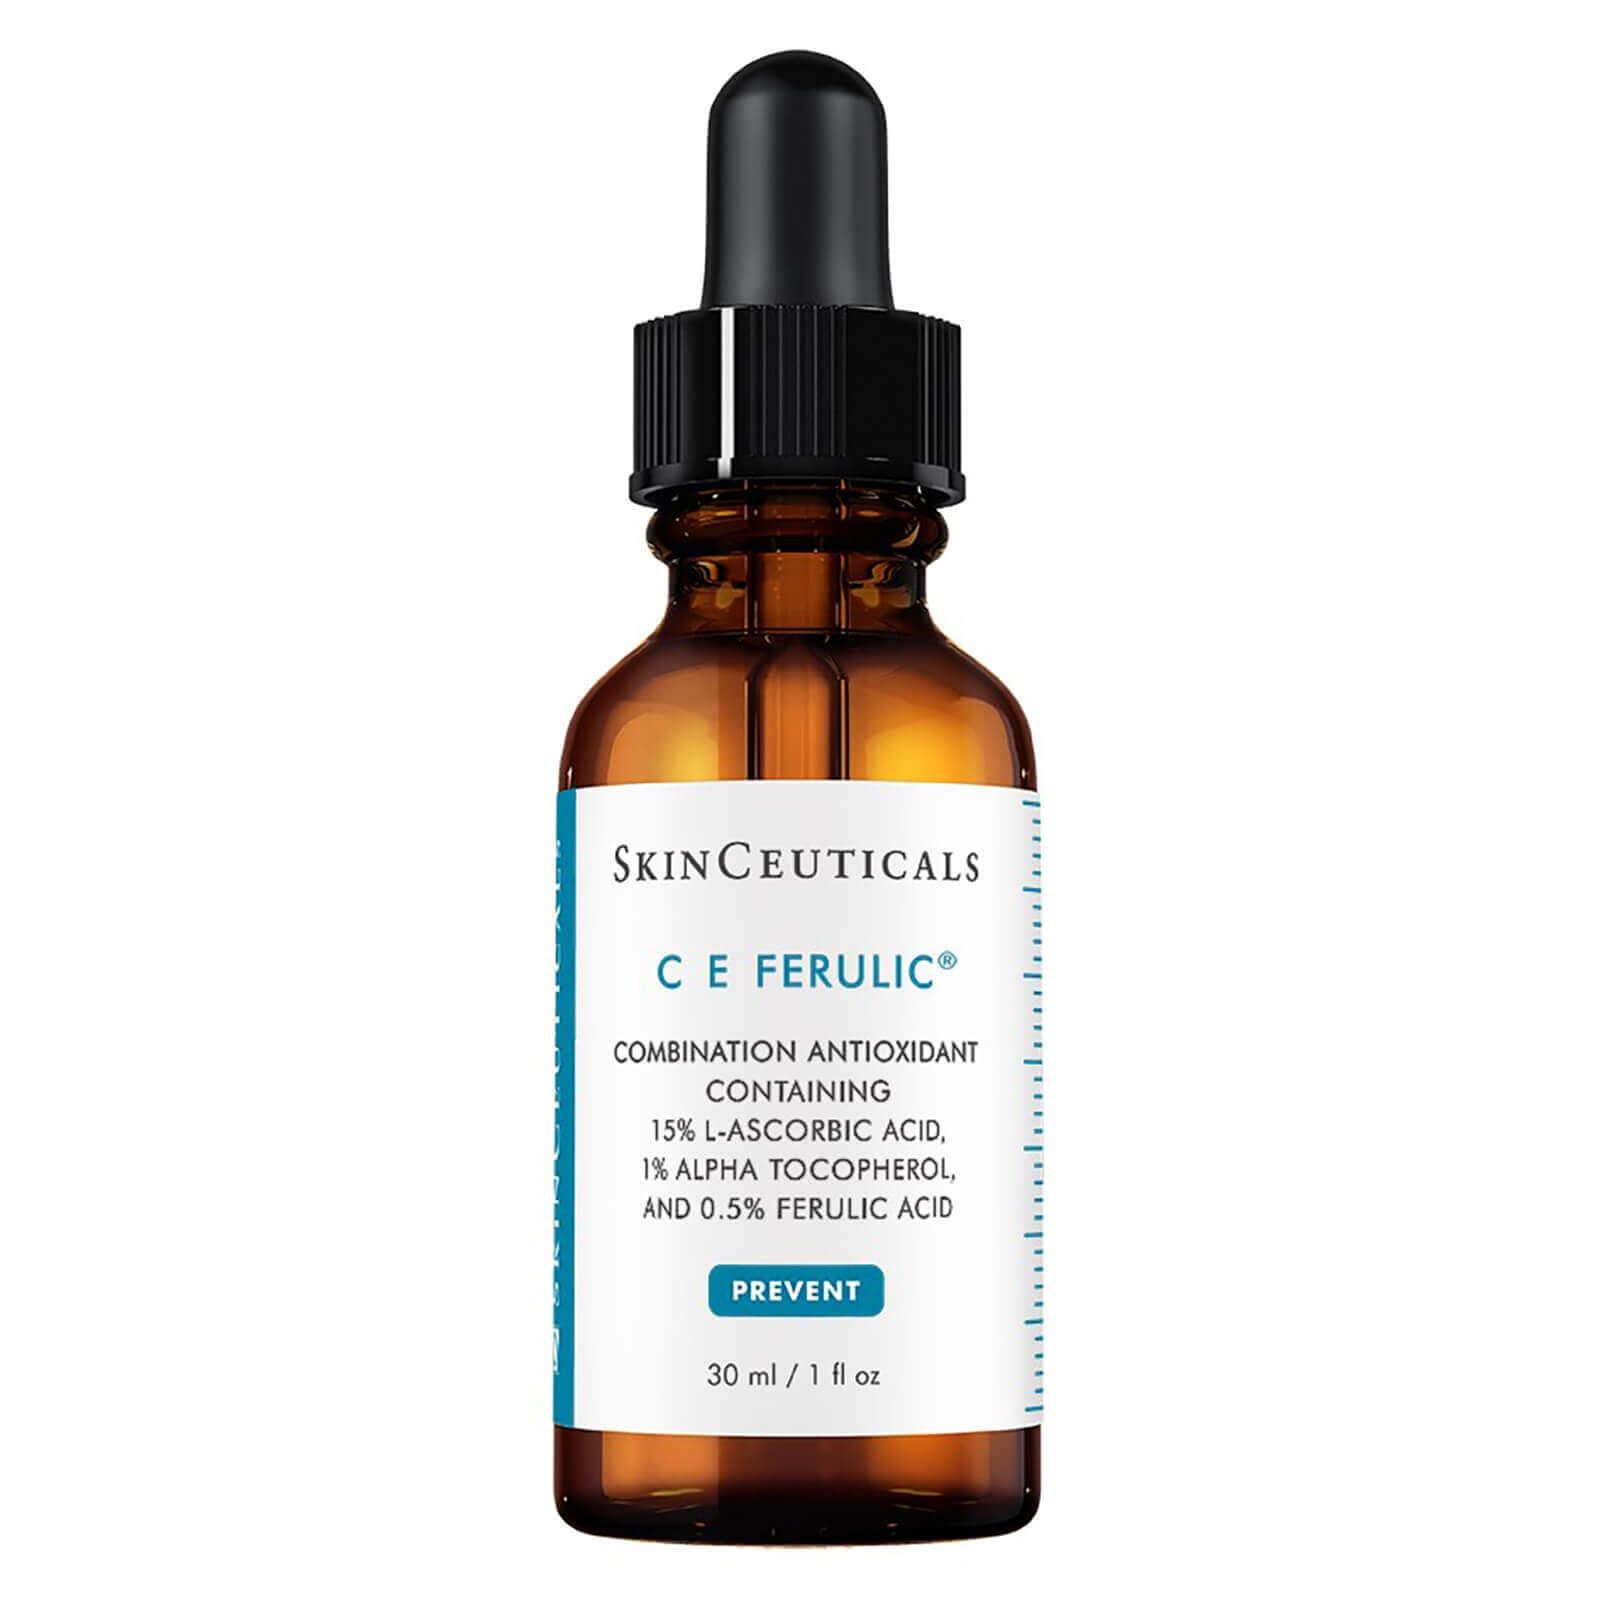 SkinCeuticals C E Ferulic with 15% L-Ascorbic Acid Vitamin C Serum 30ml